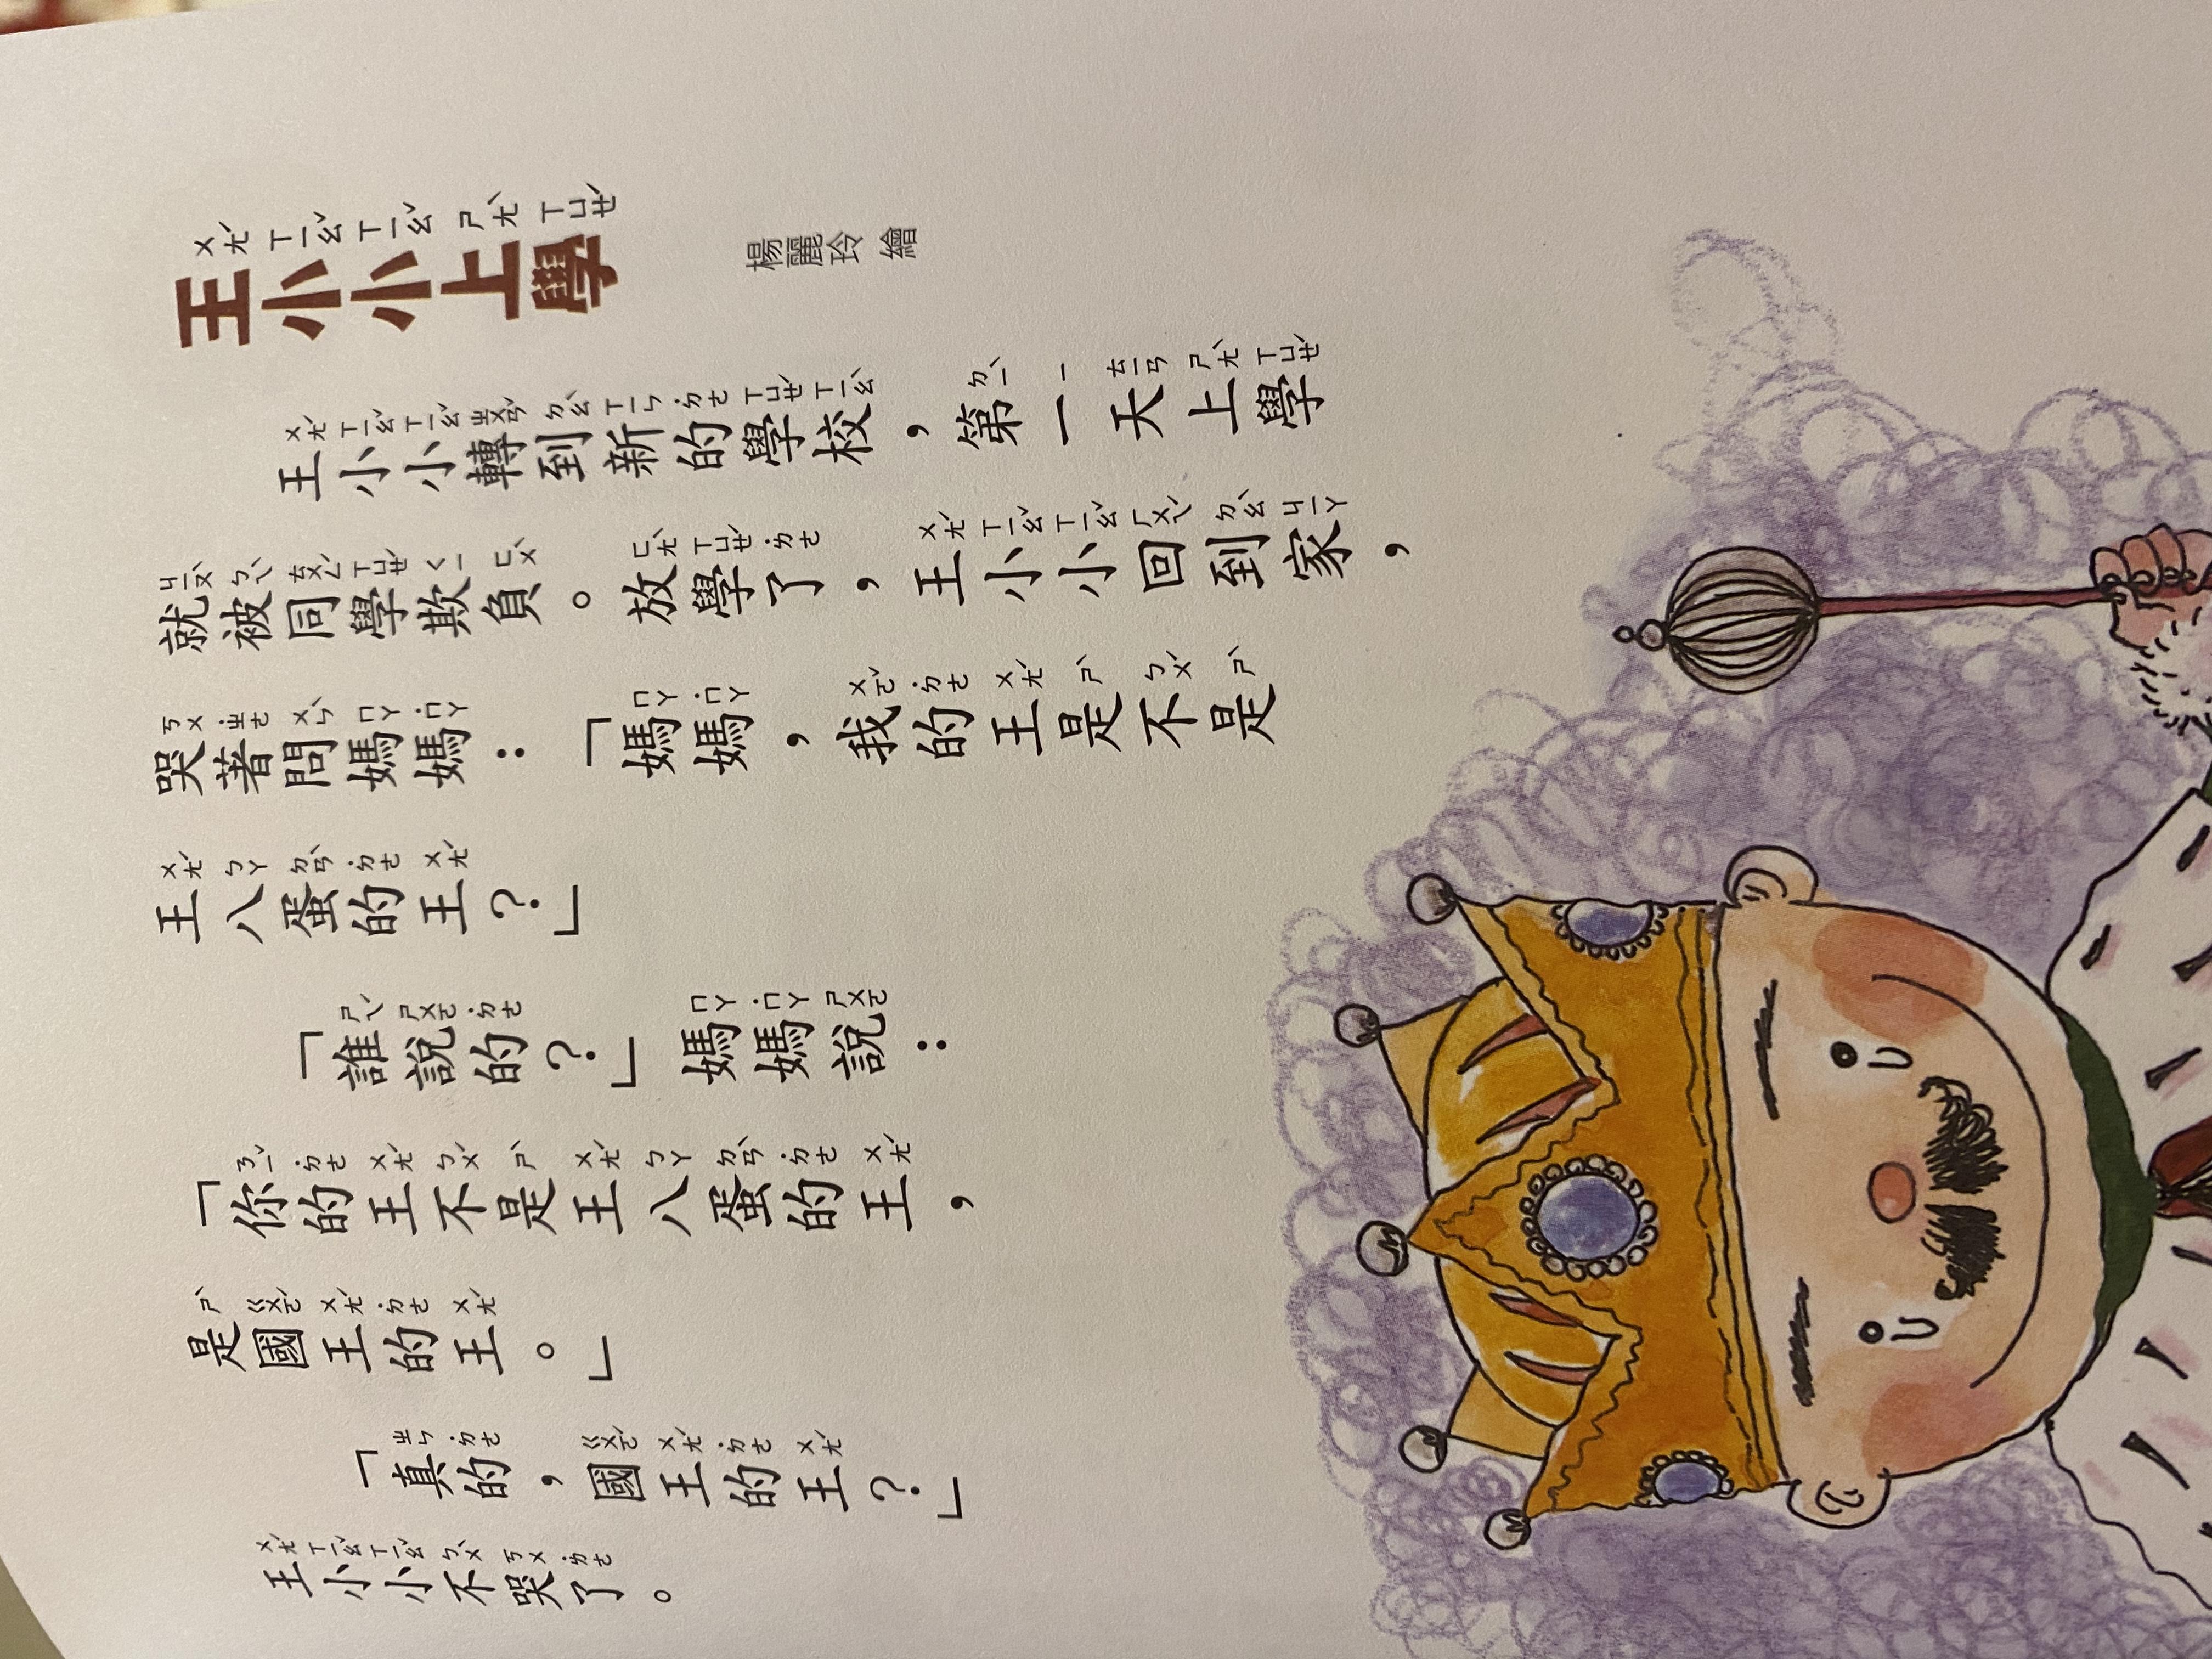 S3-119/ 王小小上學/ 字的主題樂園/ 巴巴國王變變變/ 文 林世仁/ 圖 楊麗玲 鄭淑芬 黃文玉